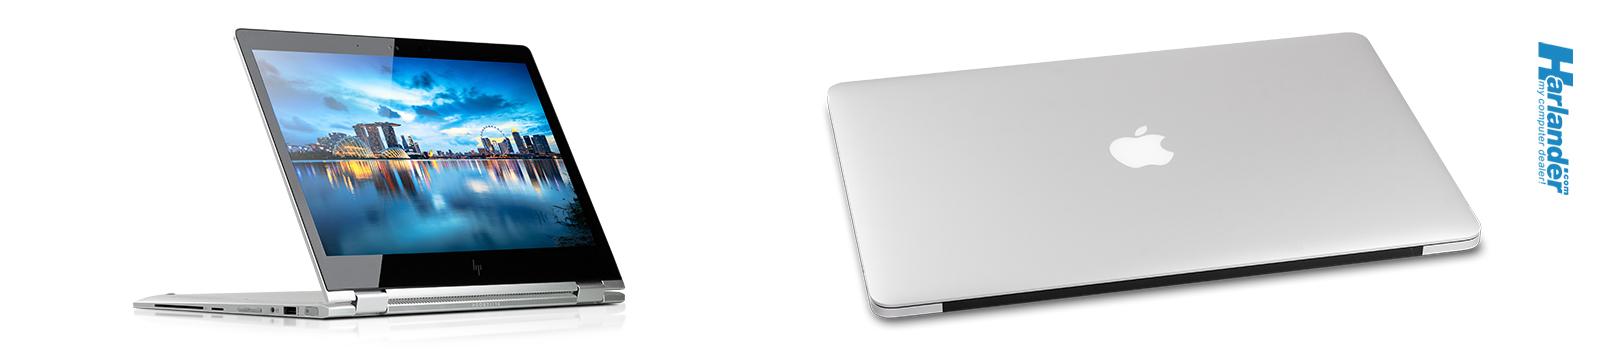 Ein spiegelndes Display bei einem Notebook ist nicht ideal. Fotos bearbeiten Sie besser auf einem mattem Display